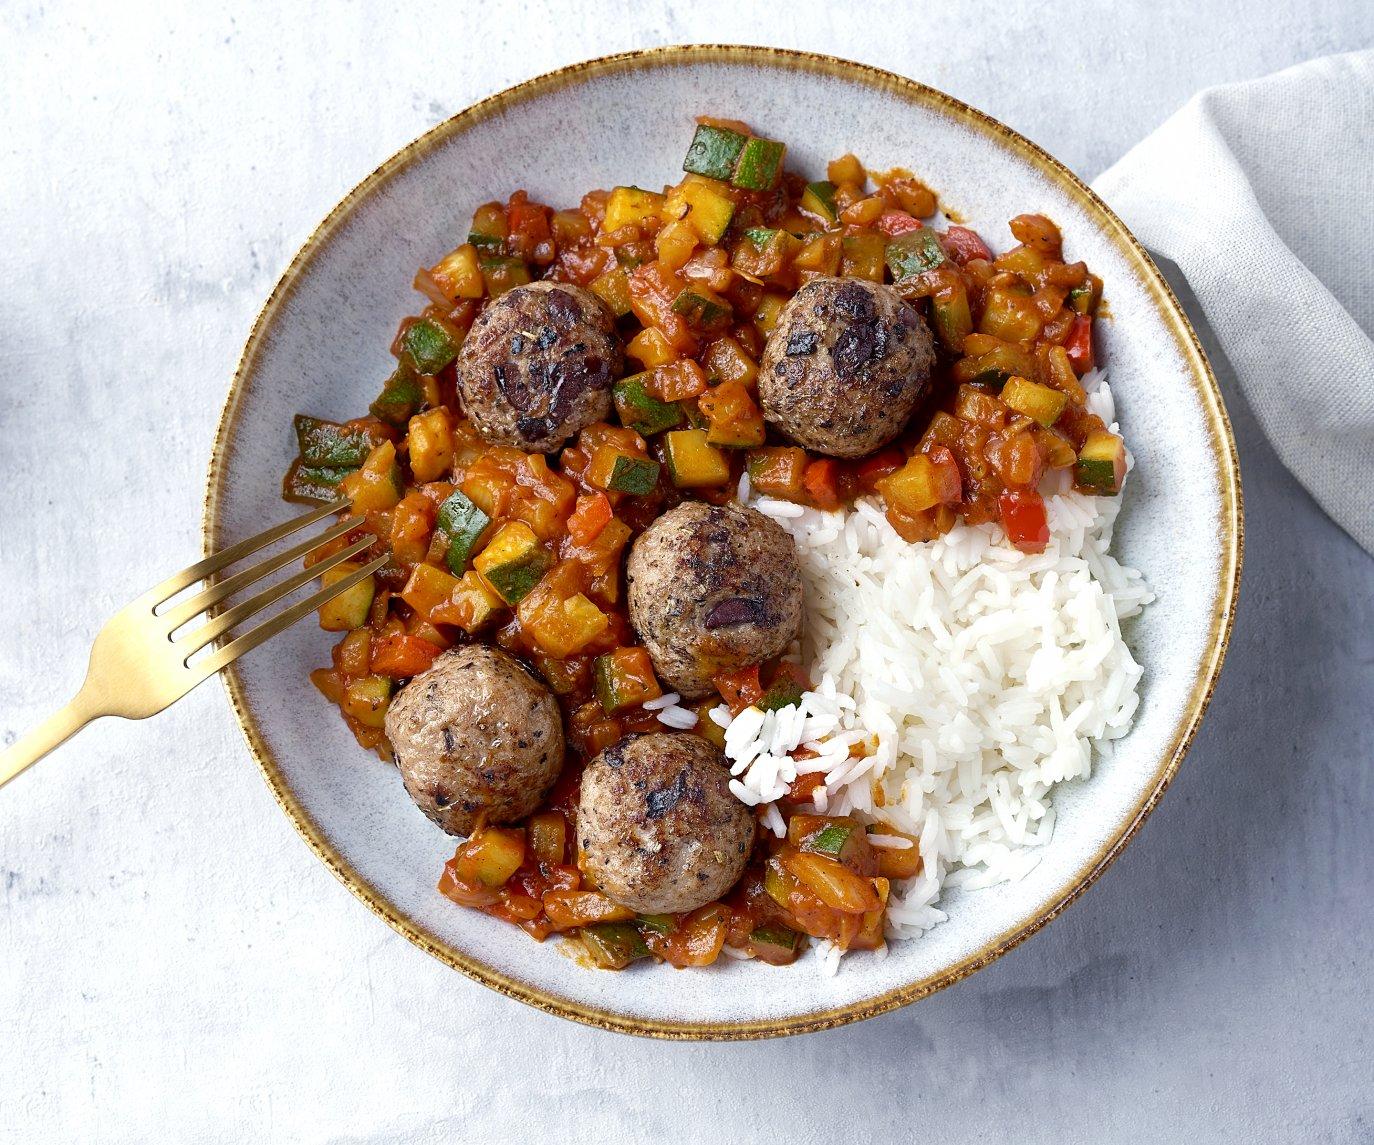 Provençaalse gehaktballetjes met venkel-ratatouille en rijst